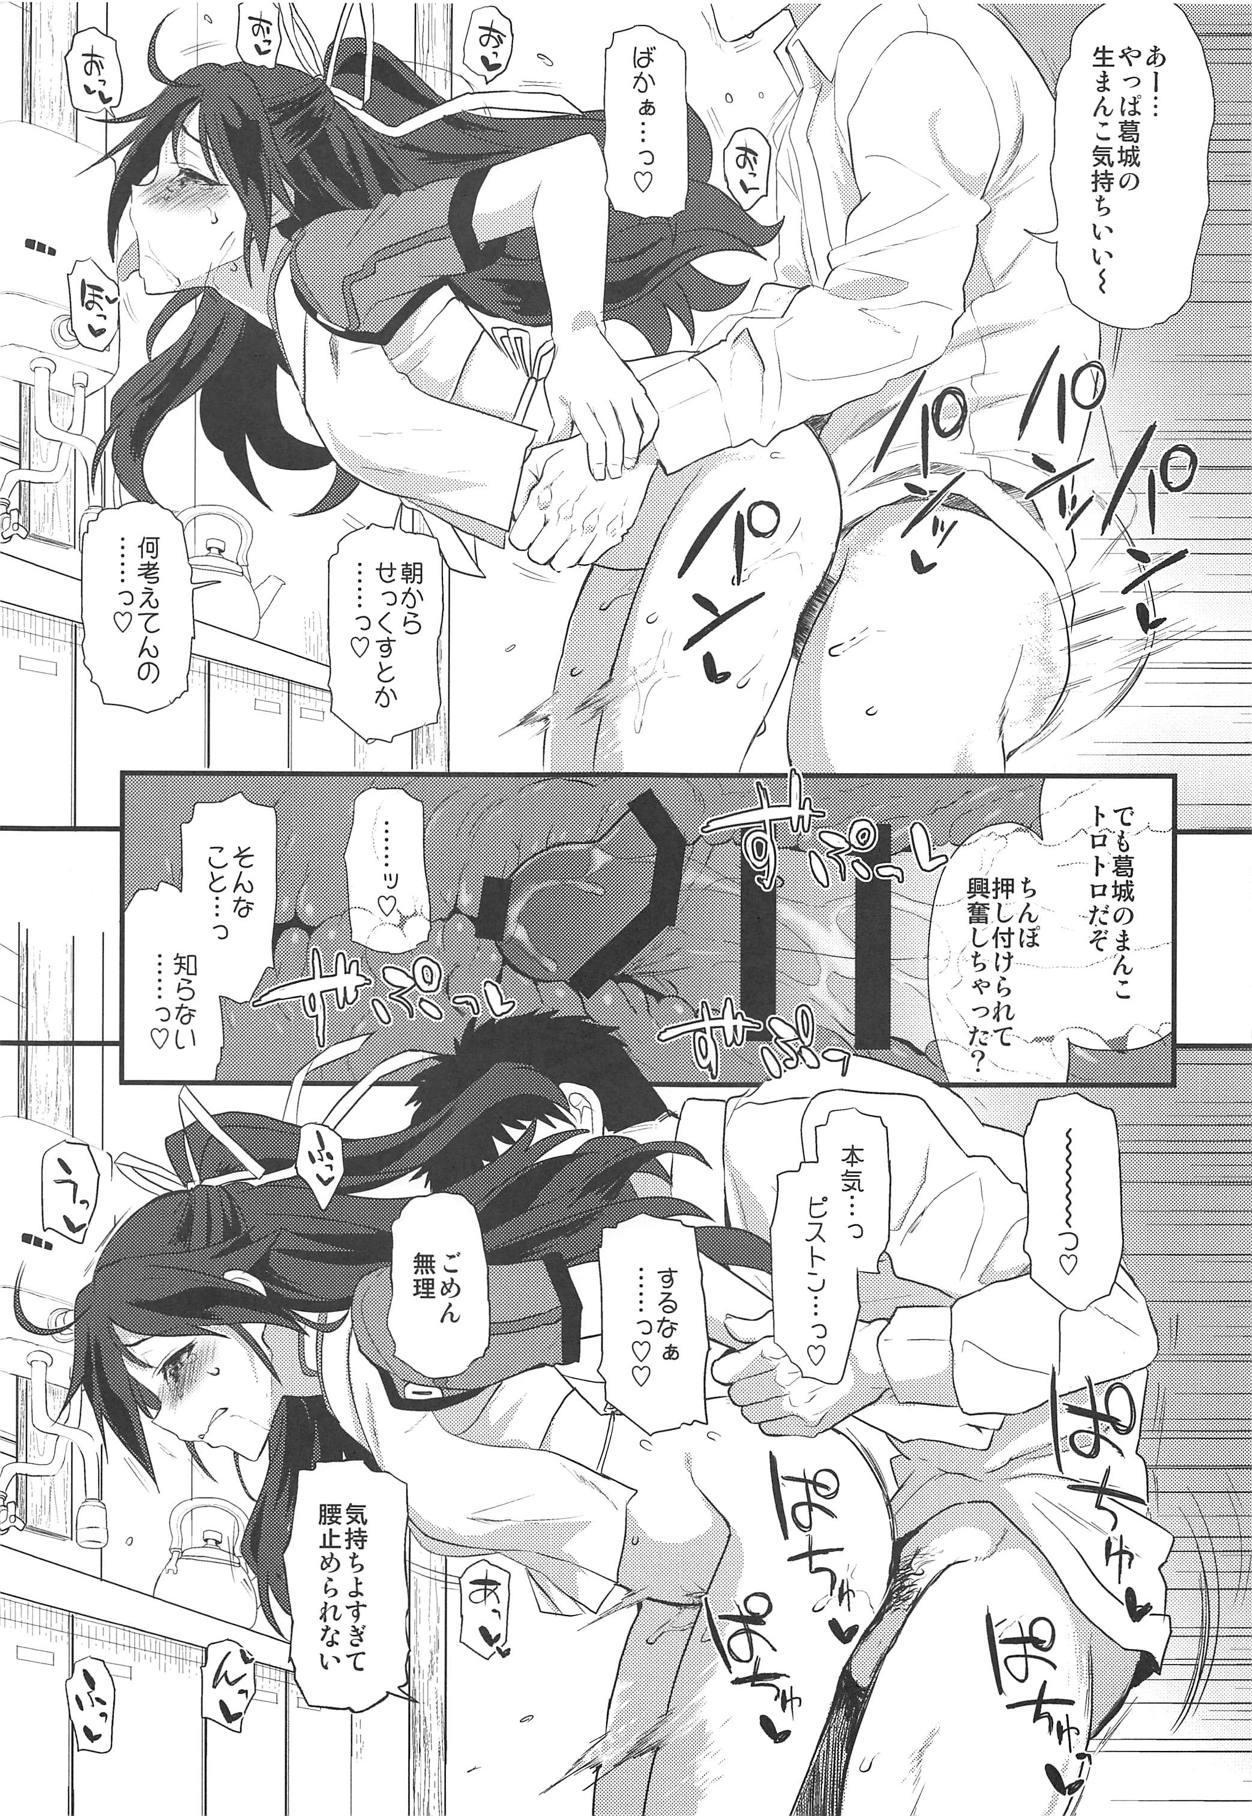 Katsuragi Travailler 3